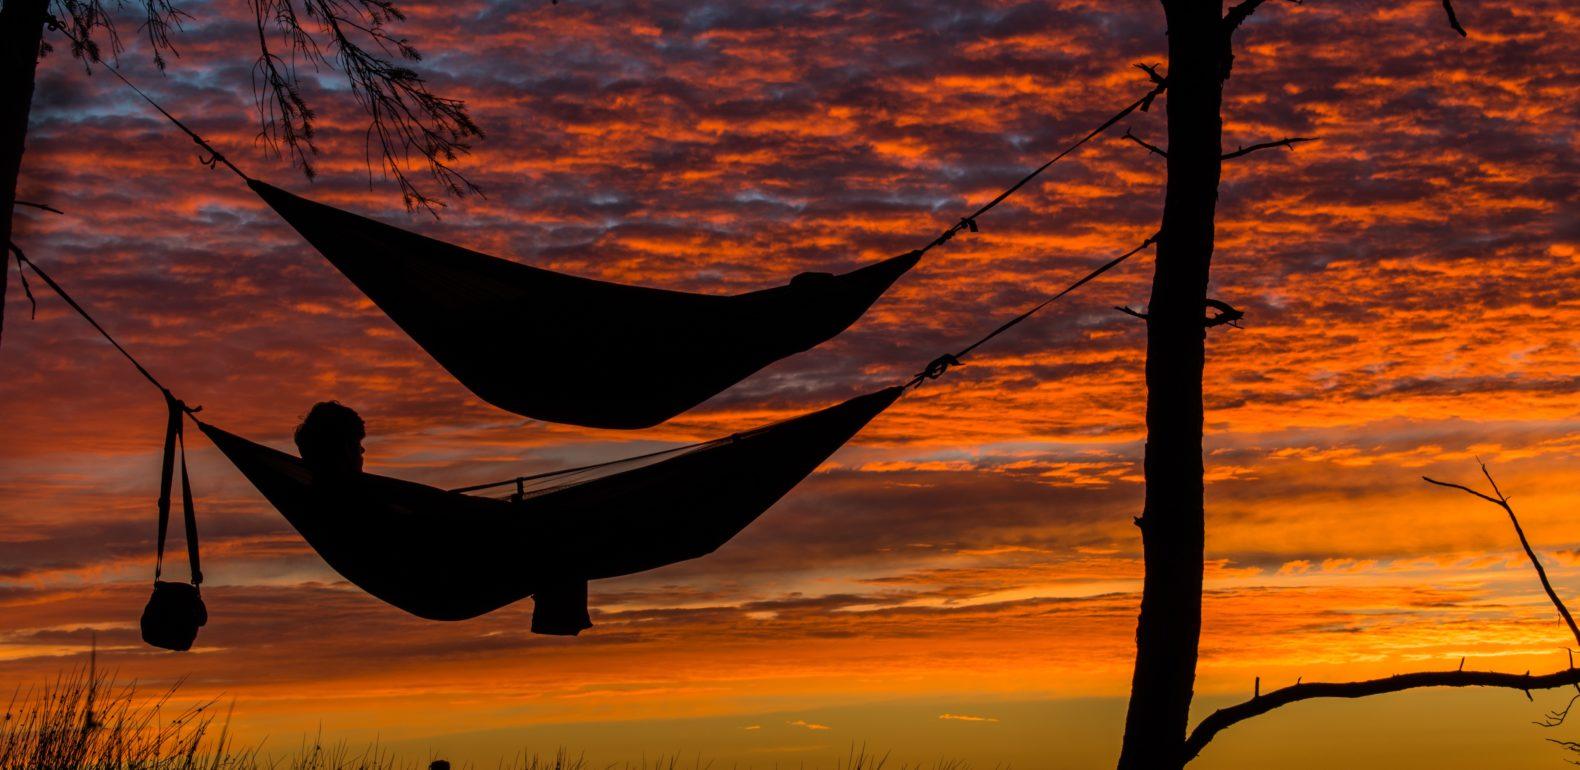 6 astuces pour bien dormir quand il fait chaud a vogel. Black Bedroom Furniture Sets. Home Design Ideas